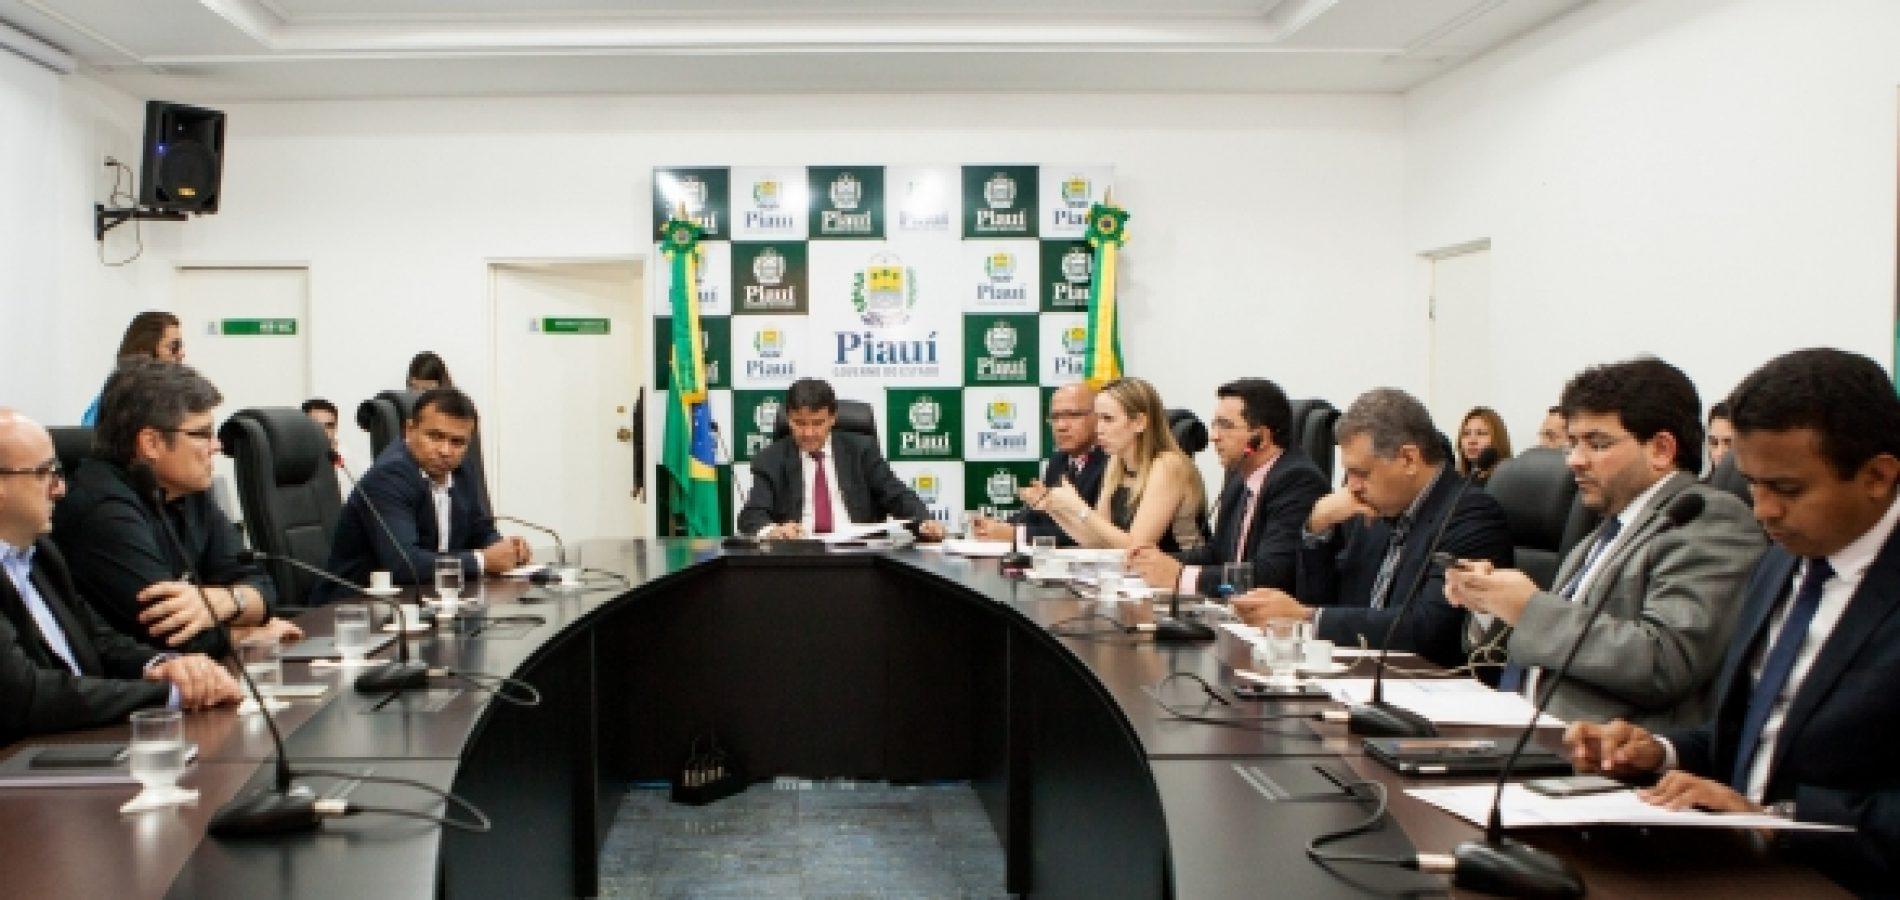 Piauí Conectado vai levar internet de qualidade para 1500 pontos de acesso em 96 cidades